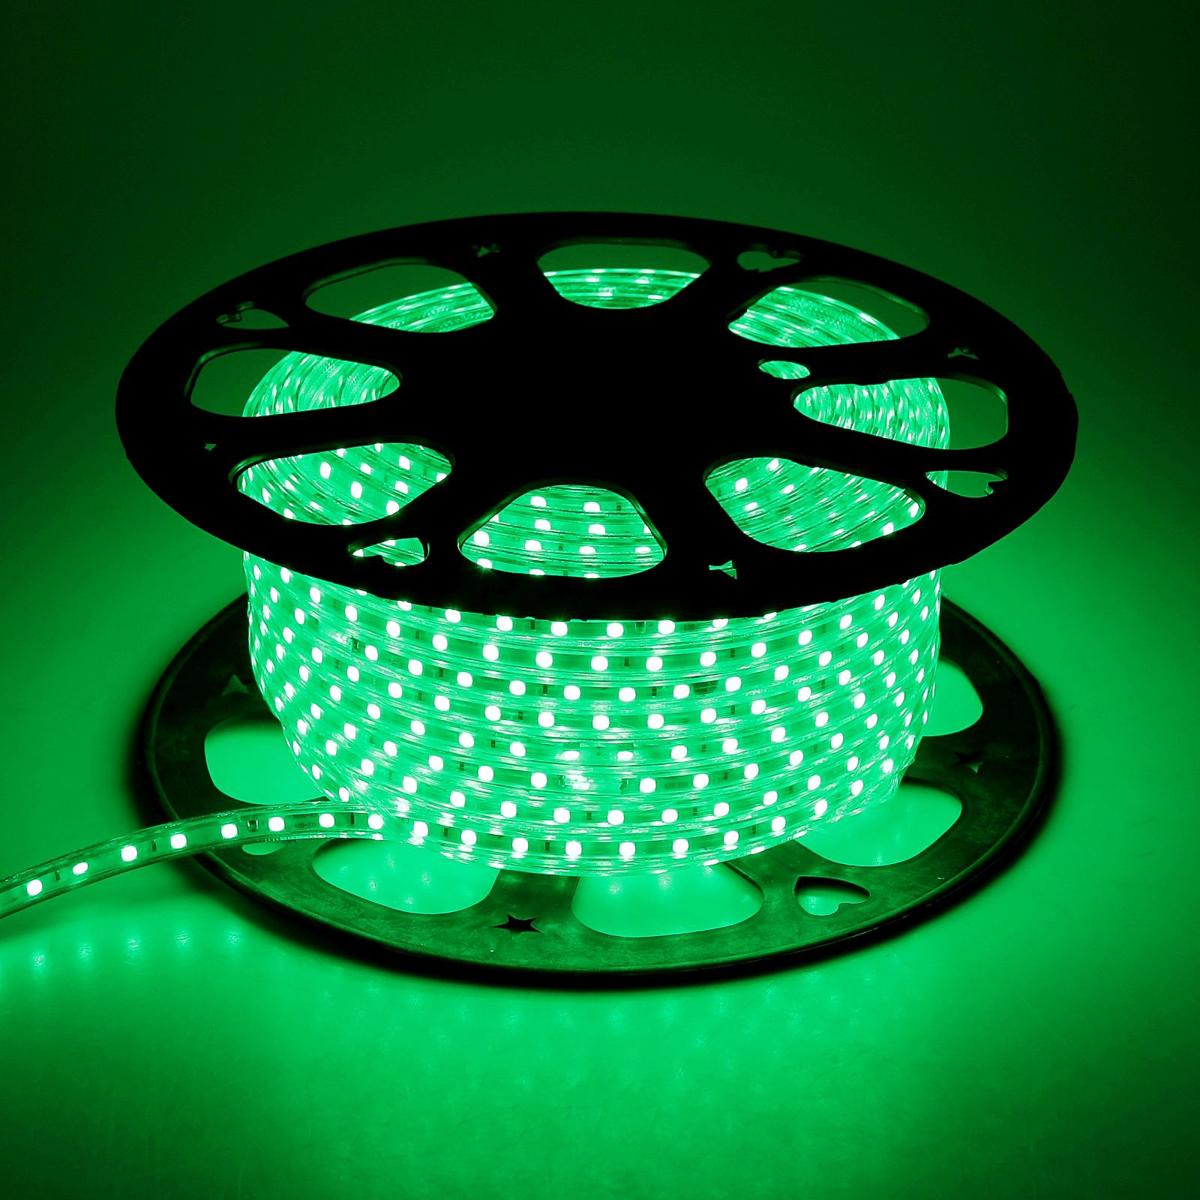 Светодиодная лента Sima-land, 220V, SMD5050, IP68, 60 LED ламп/м, 10,8W/м, длина 50 м, цвет: зеленый185472Светодиодные гирлянды, ленты и т.д — это отличный вариант для новогоднего оформления интерьера или фасада. С их помощью помещение любого размера можно превратить в праздничный зал, а внешние элементы зданий, украшенные ими, мгновенно станут напоминать очертания сказочного дворца. Такие украшения создают ауру предвкушения чуда. Деревья, фасады, витрины, окна и арки будто специально созданы, чтобы вы украсили их светящимися нитями.